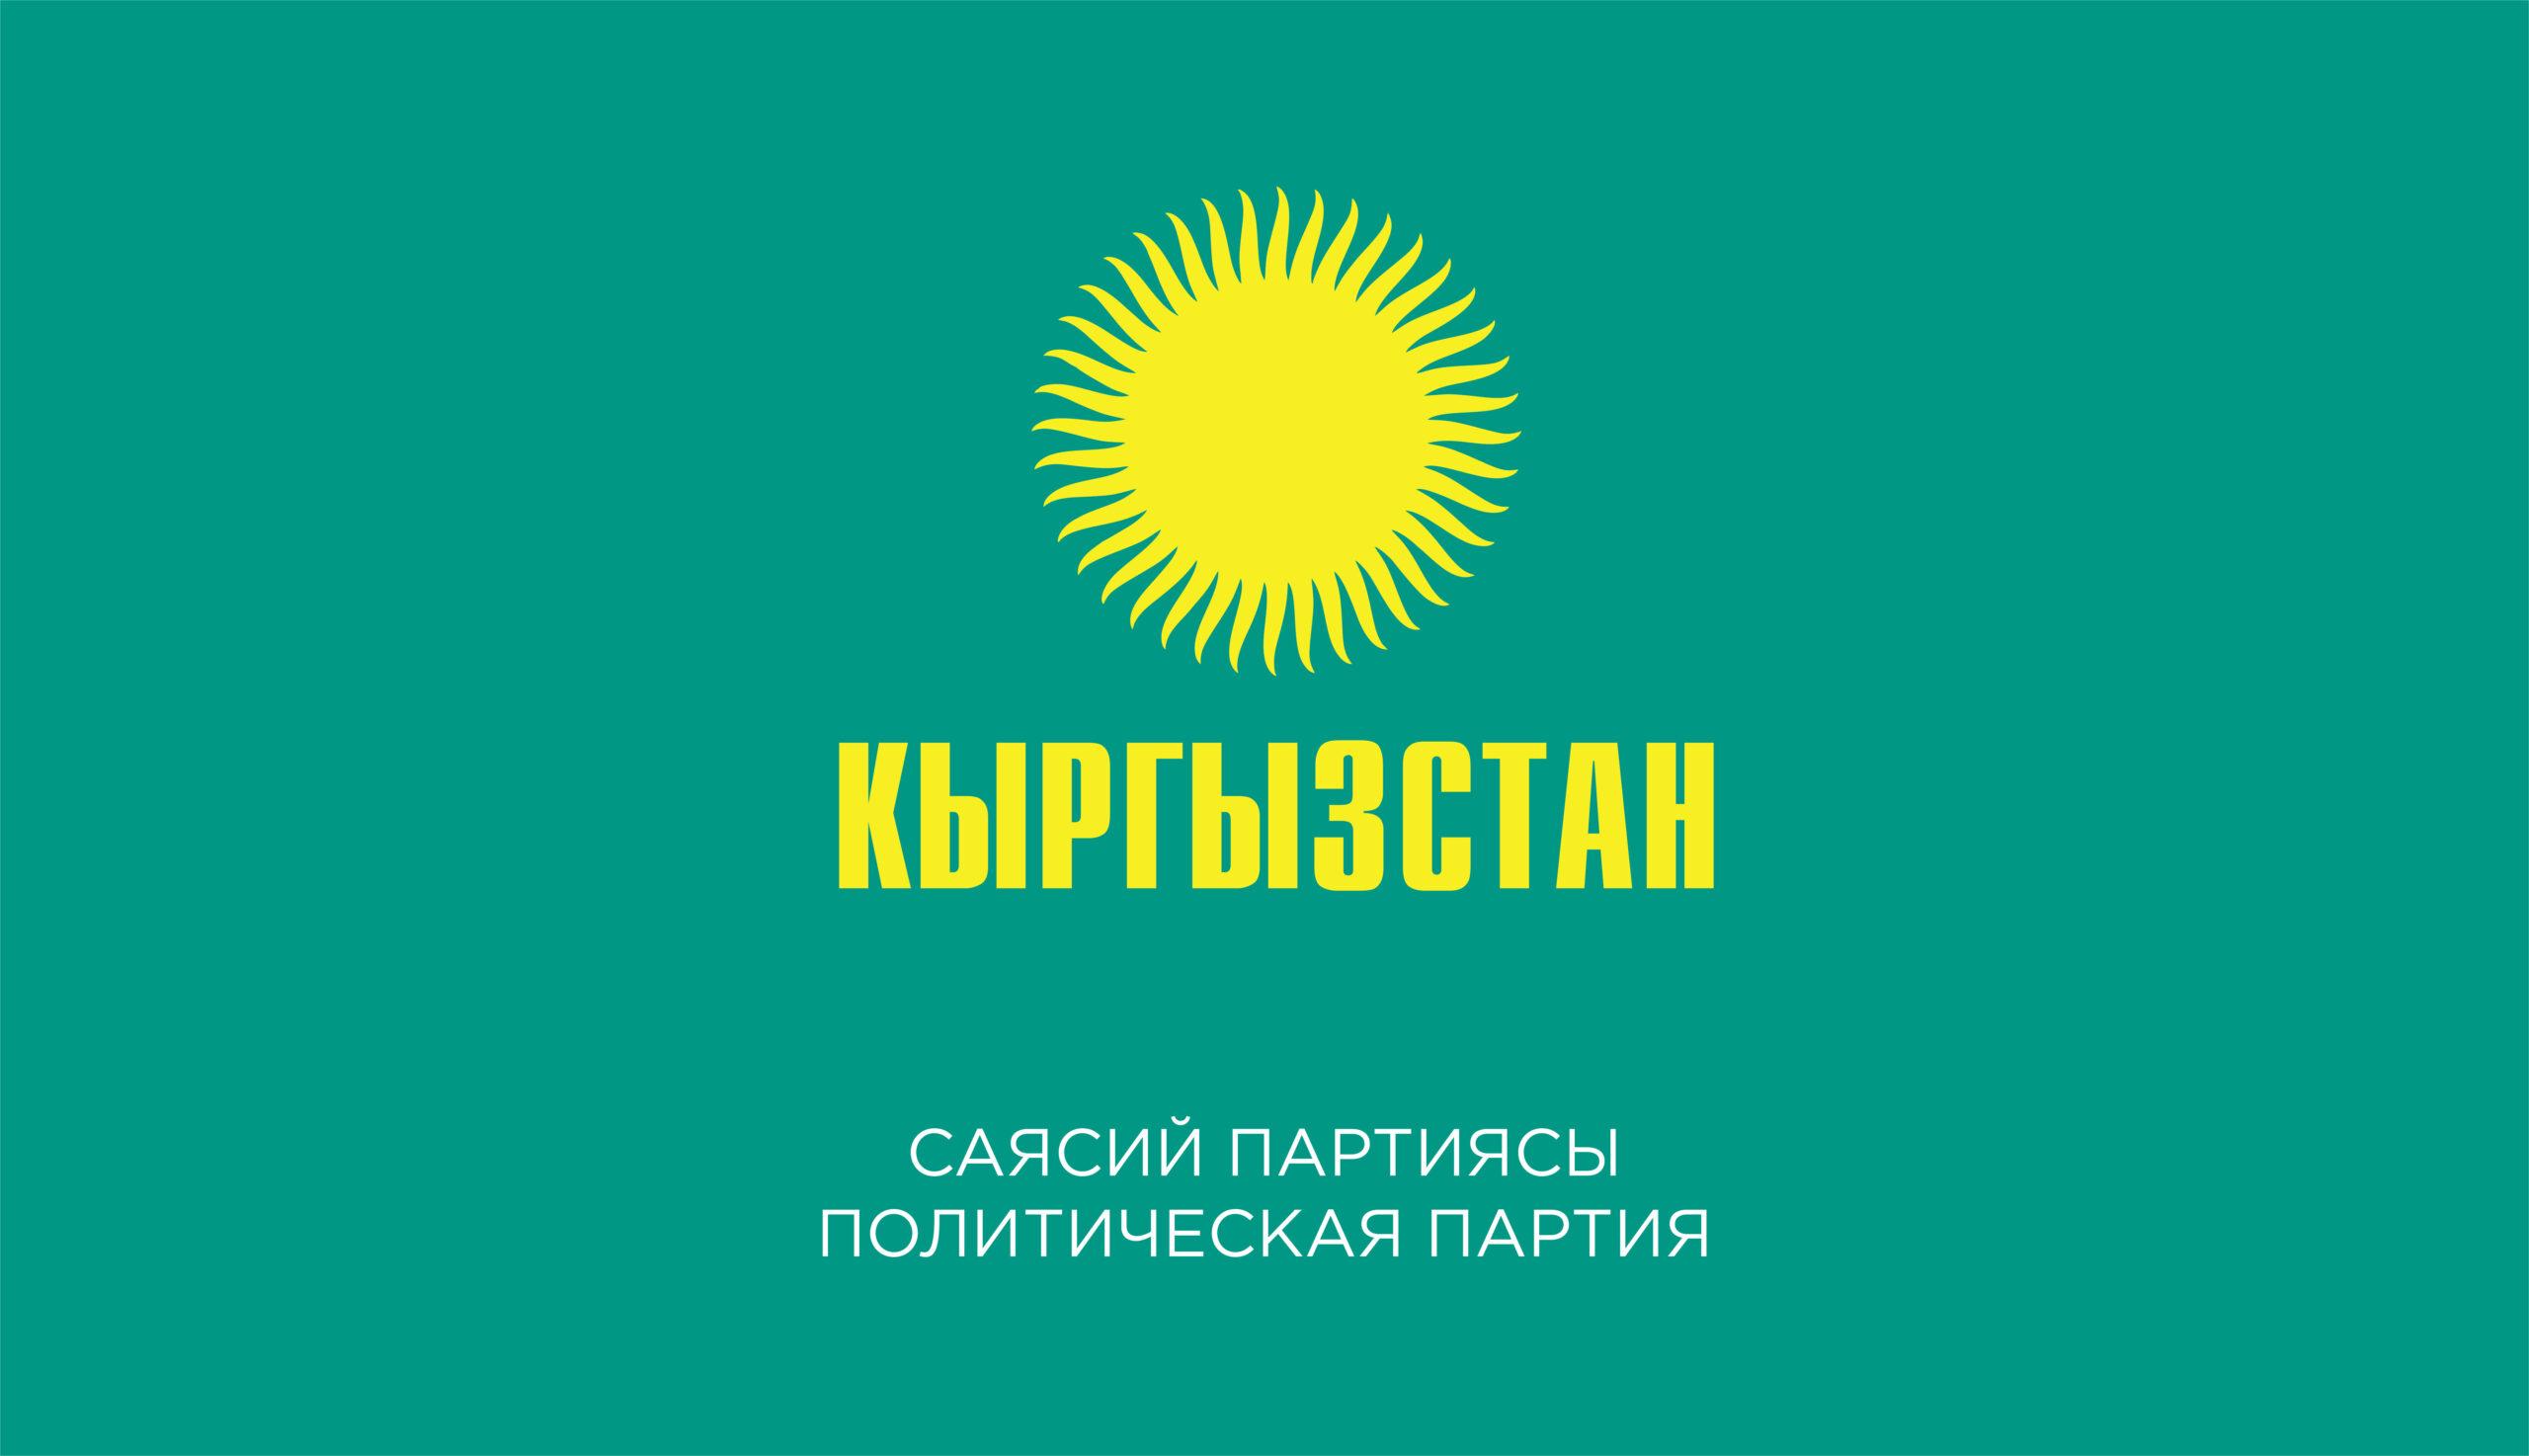 """""""Кыргызстан"""" партиясы биринчилерден болуп 5 млн сом шайлоо күрөөсүн тапшырды"""